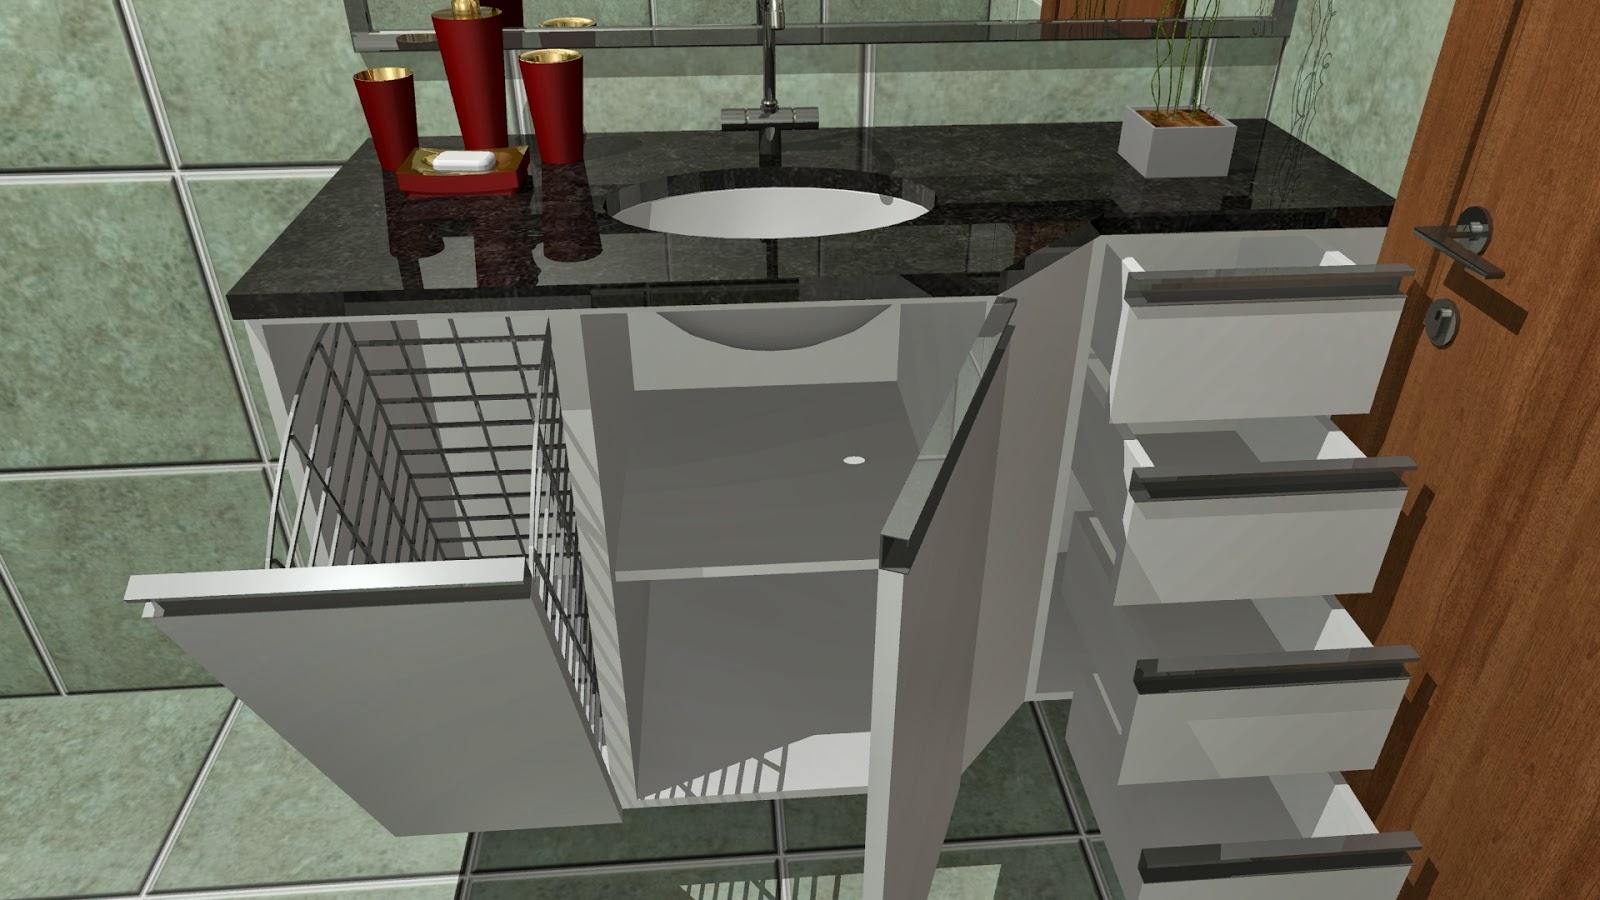 Designer de interiores: Projeto do Dia Cozinha e Banheiros diversos #693F22 1600 900